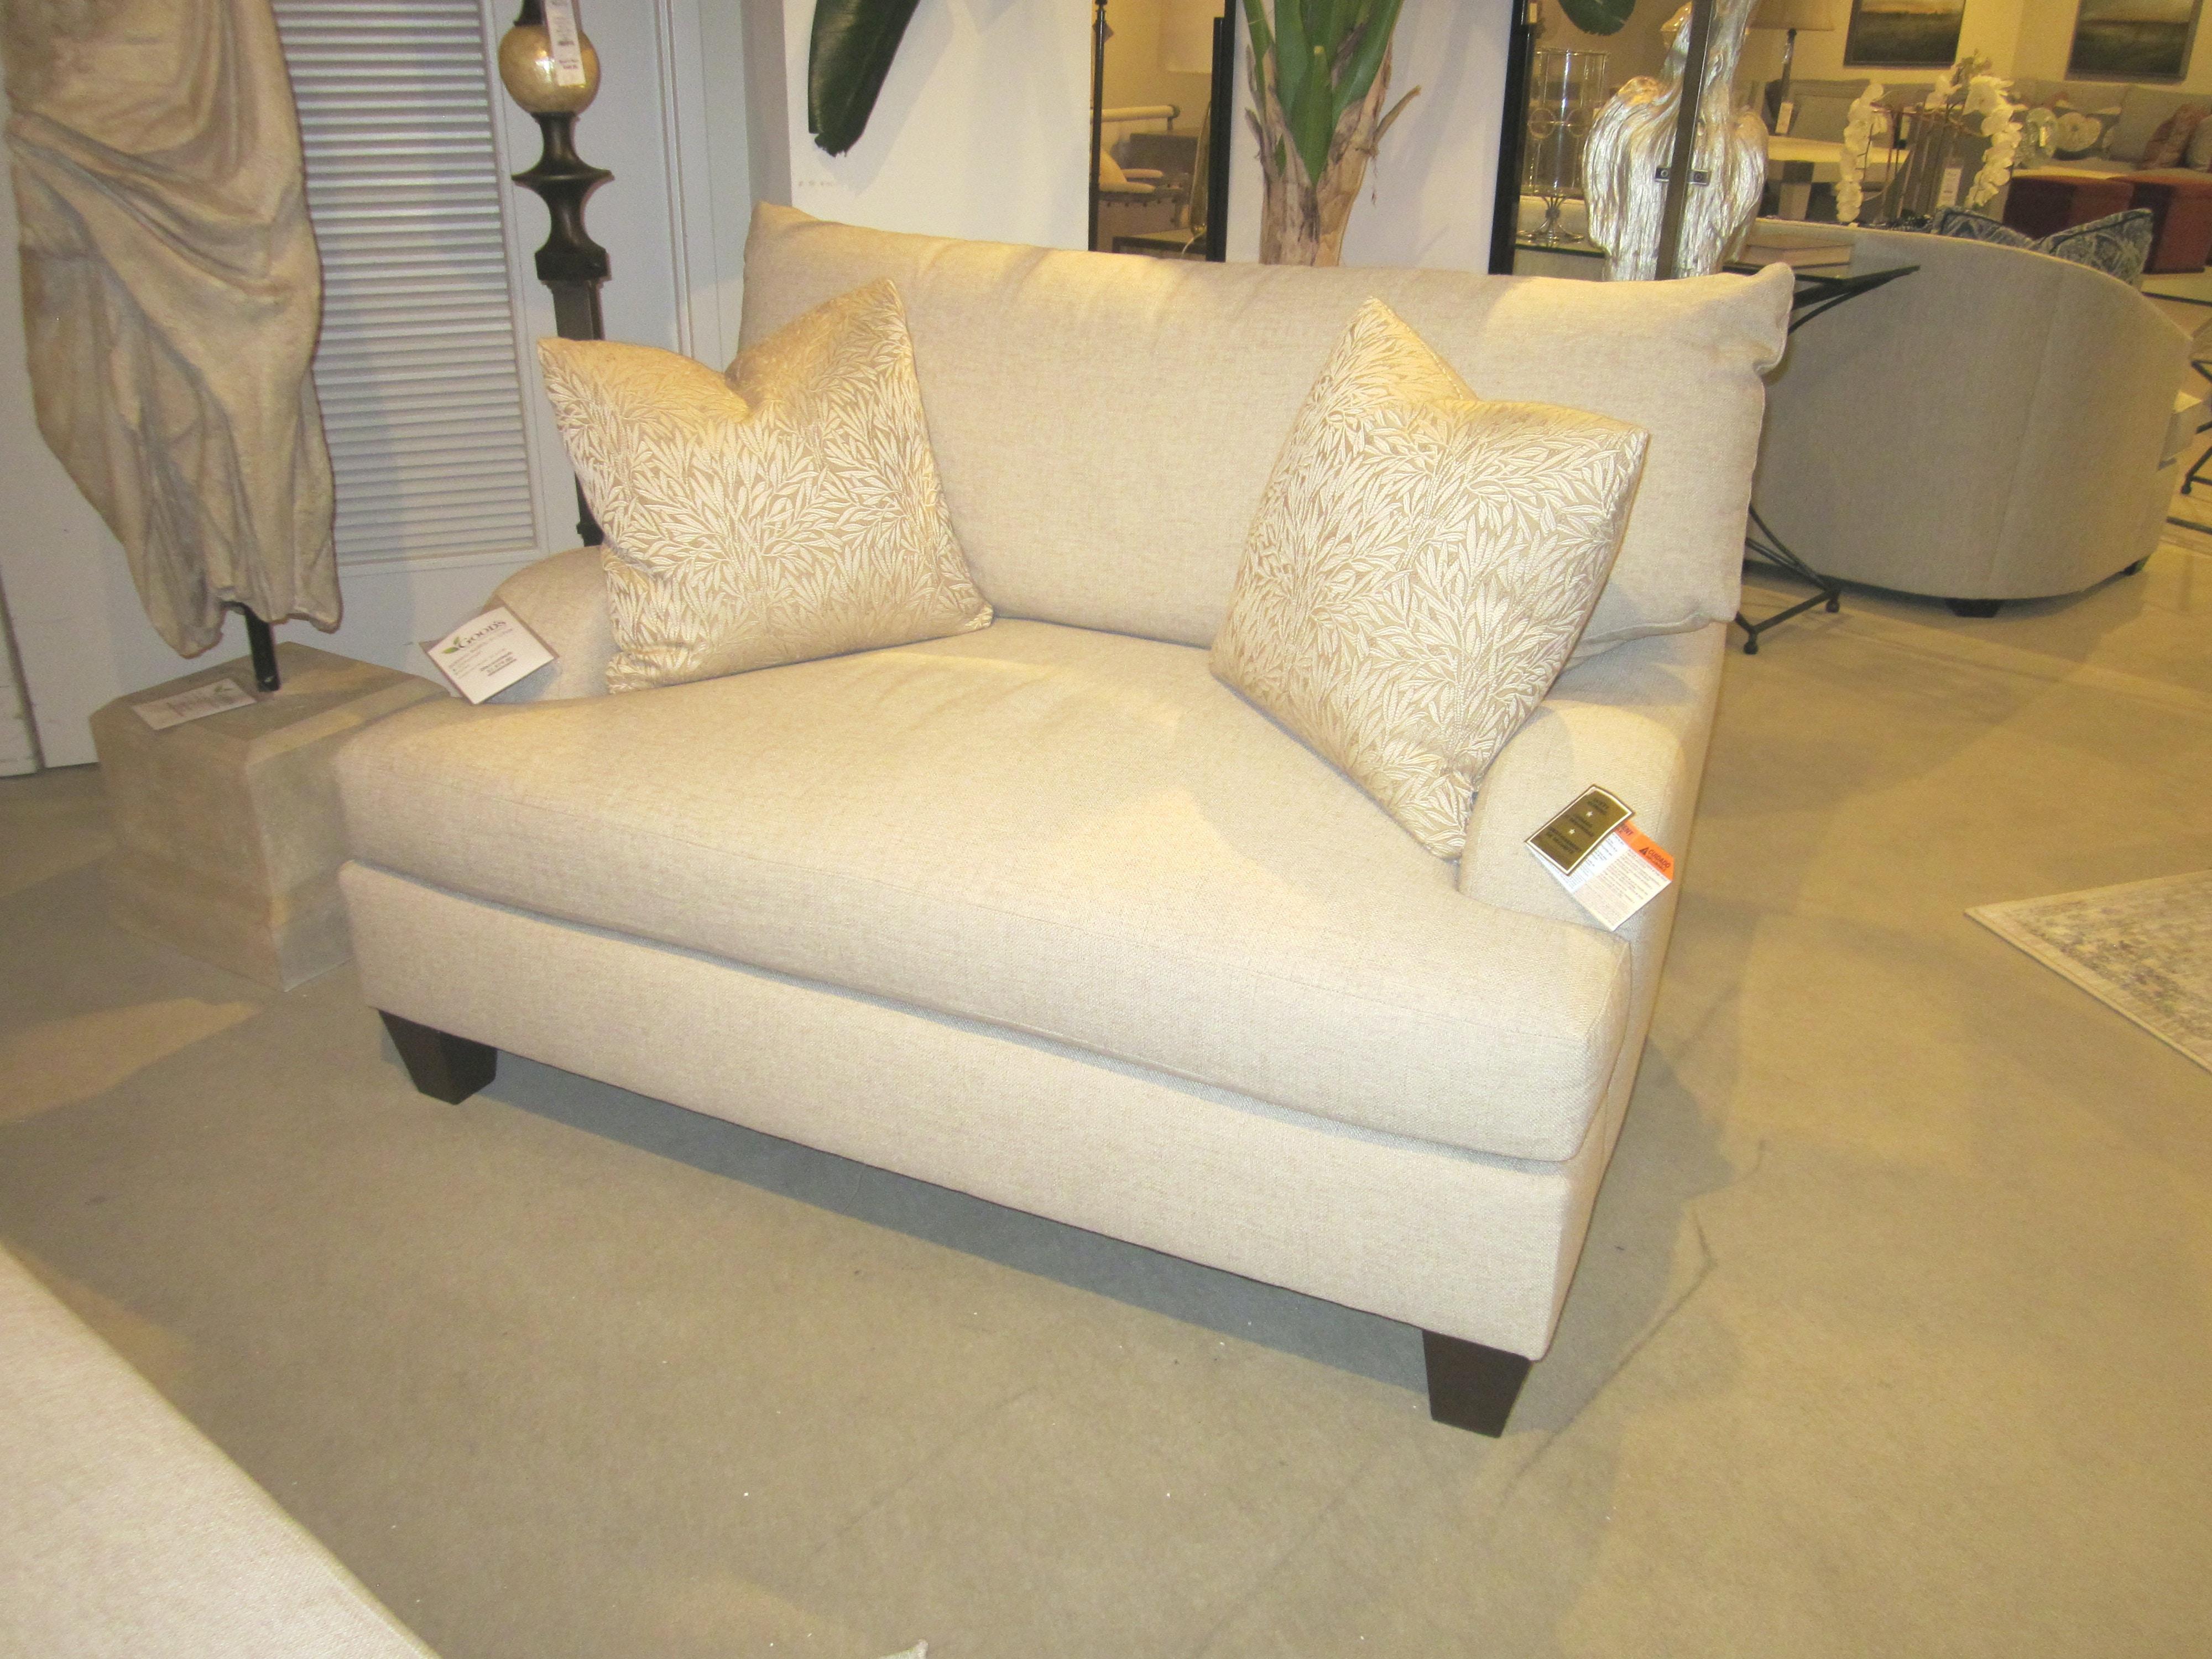 Attirant Bernhardt Furniture Brooke Chair And Halfu003cBRu003eu003cBRu003e* FLOOR SAMPLE